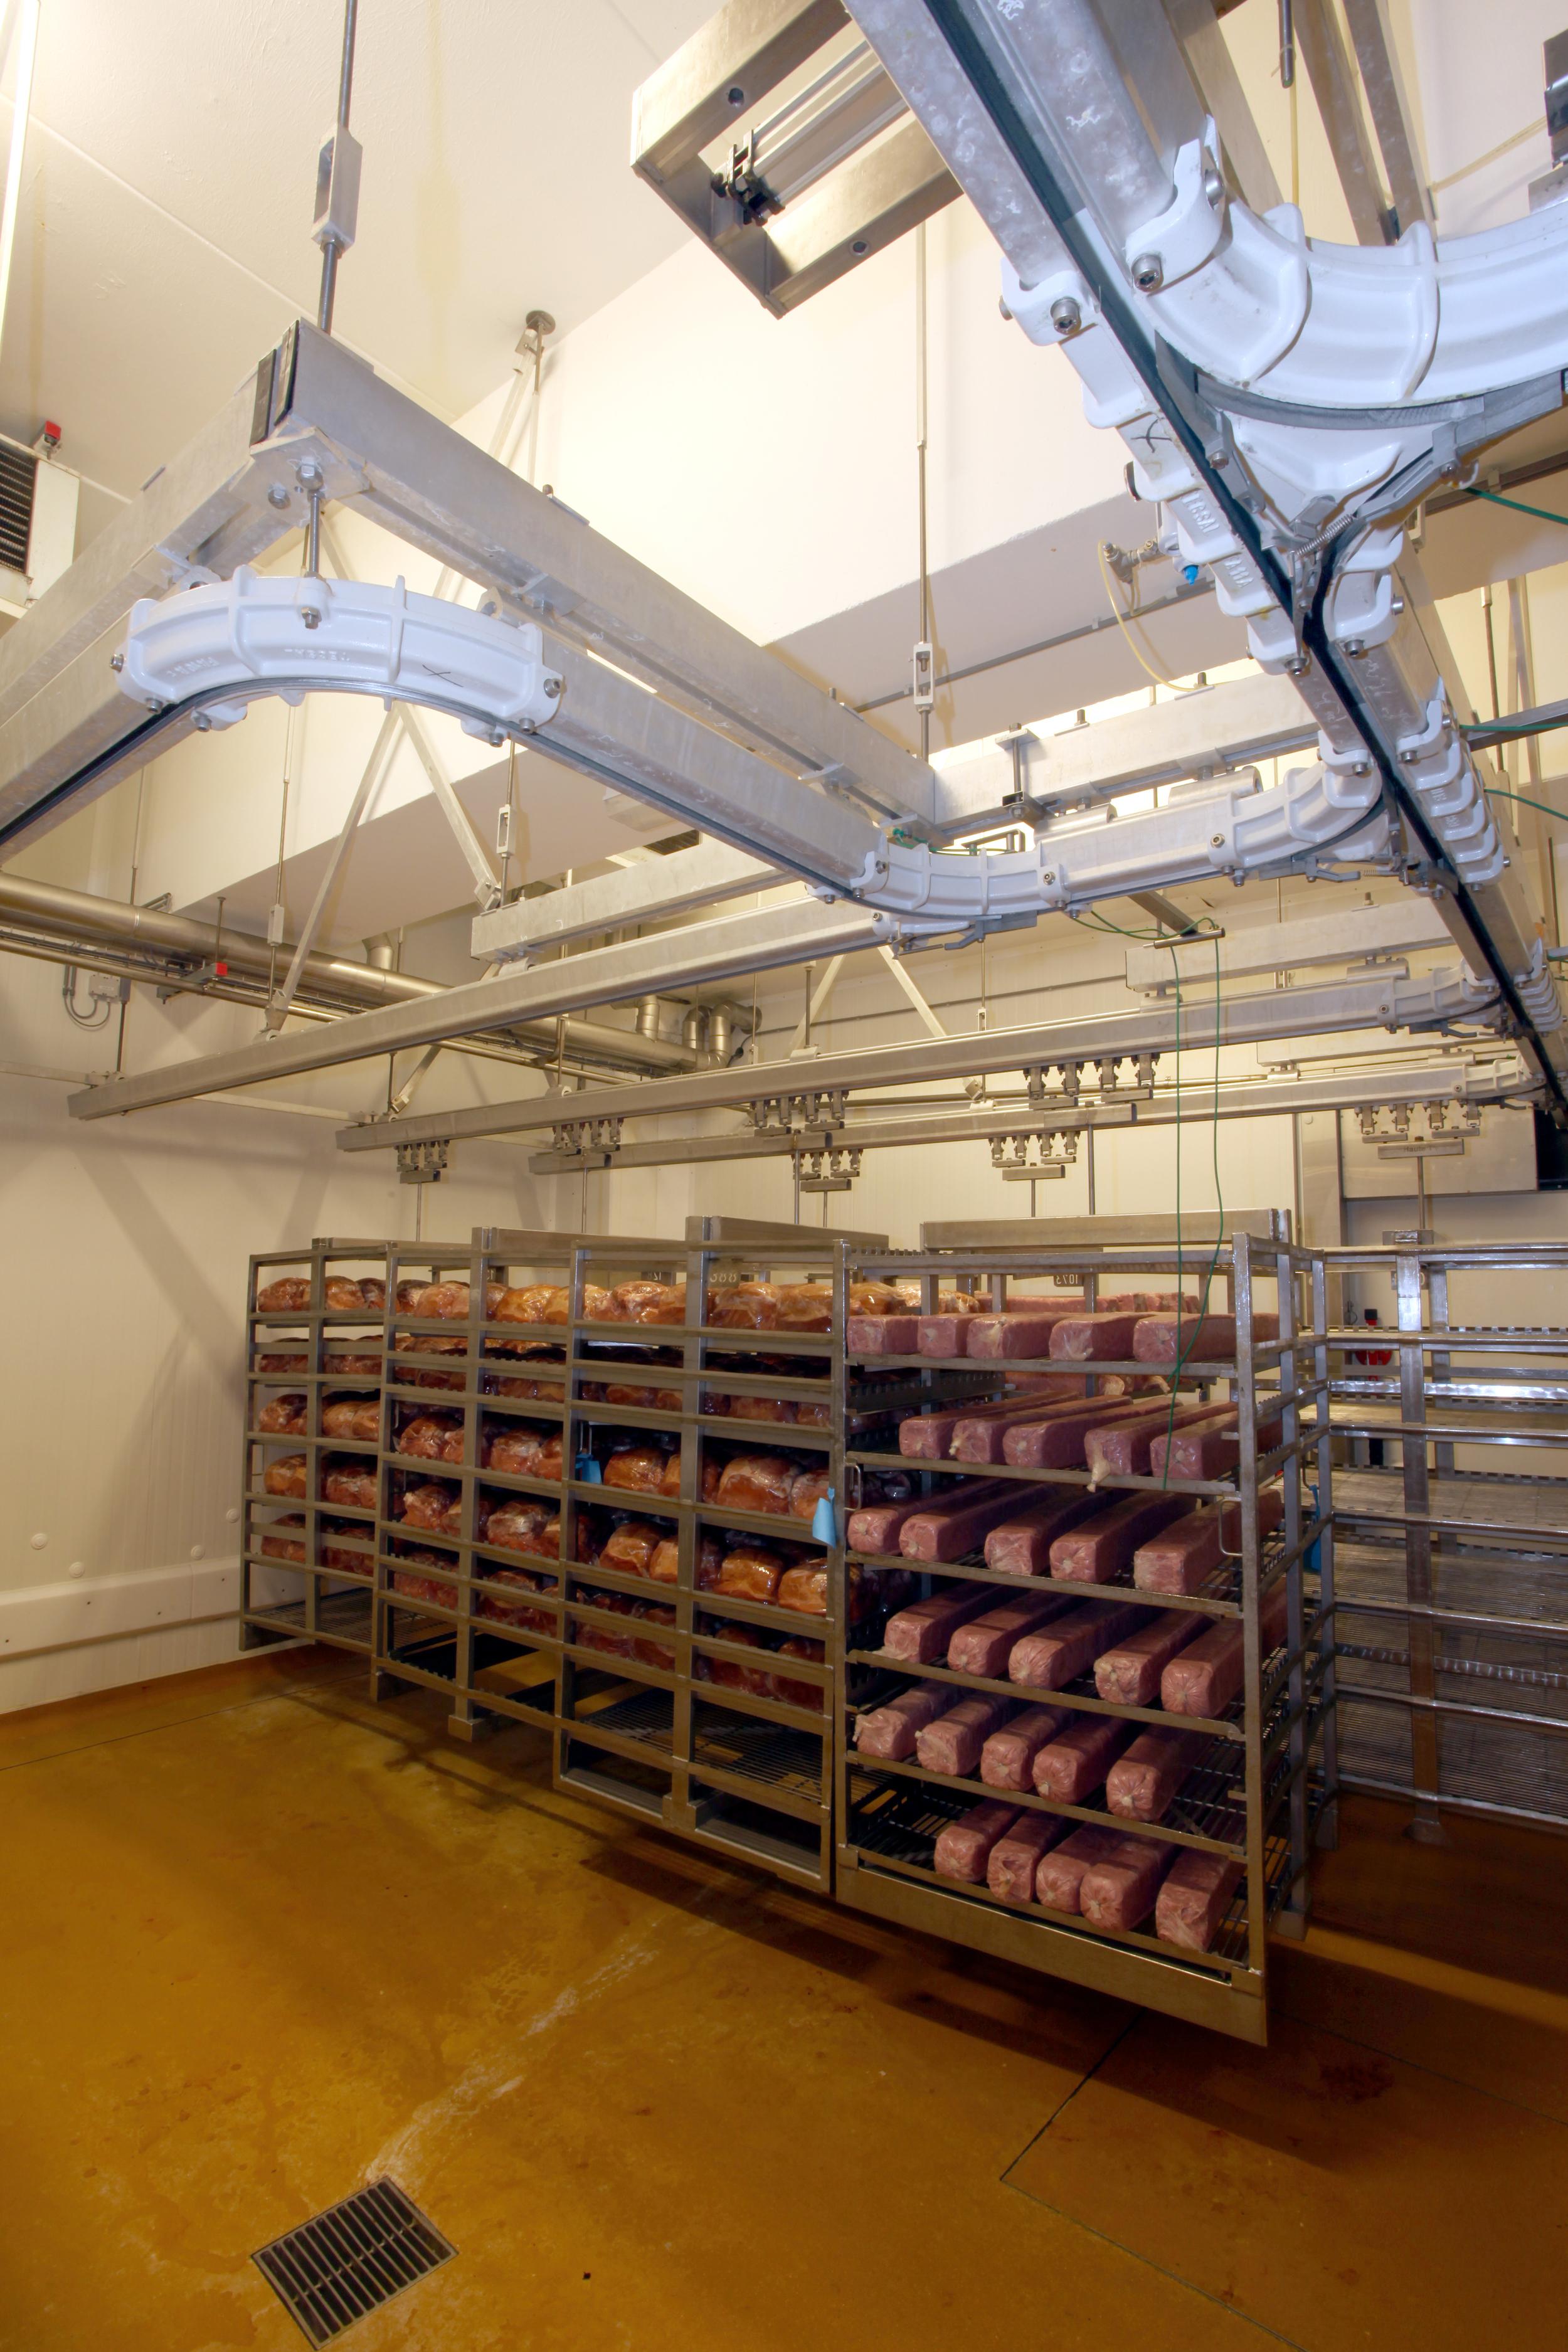 Cooked Hams Racks Storage - 01.JPG